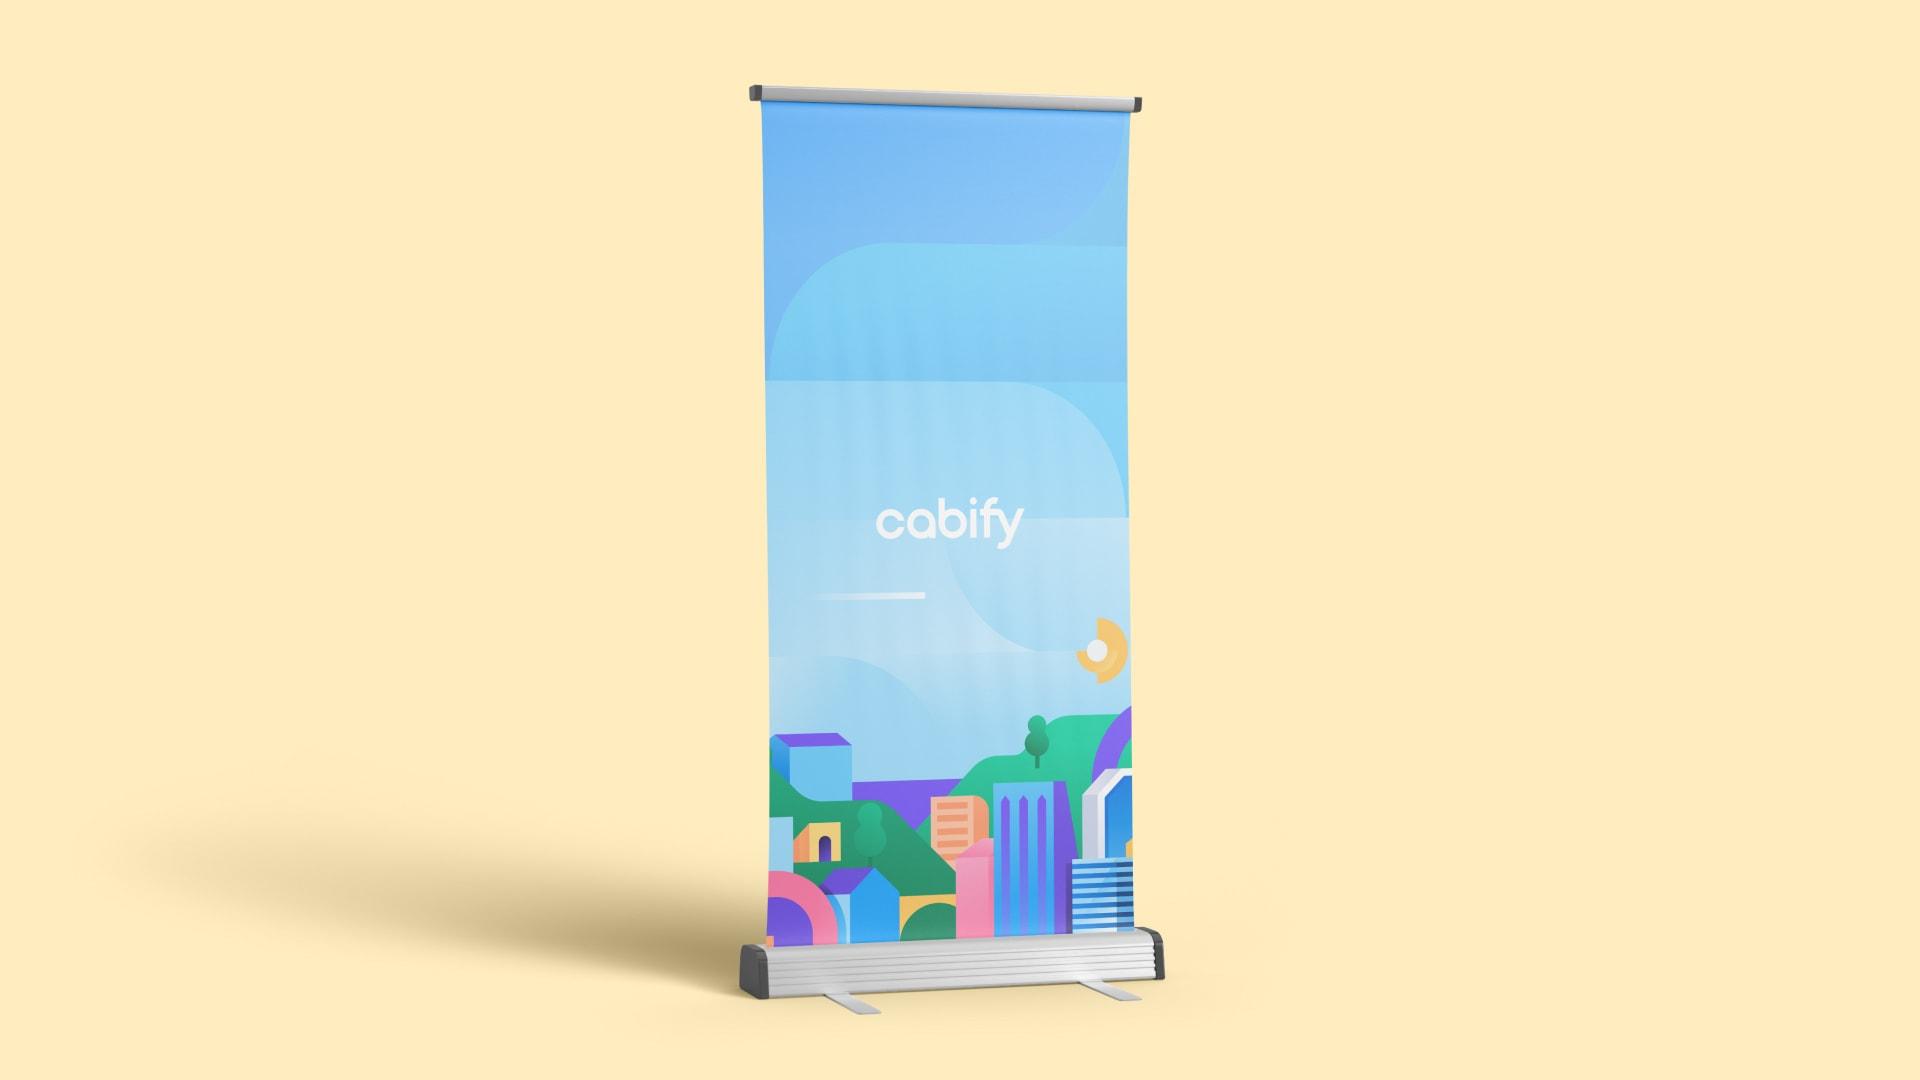 Un roll up con la ilustración de una ciudad y el logo de Cabify